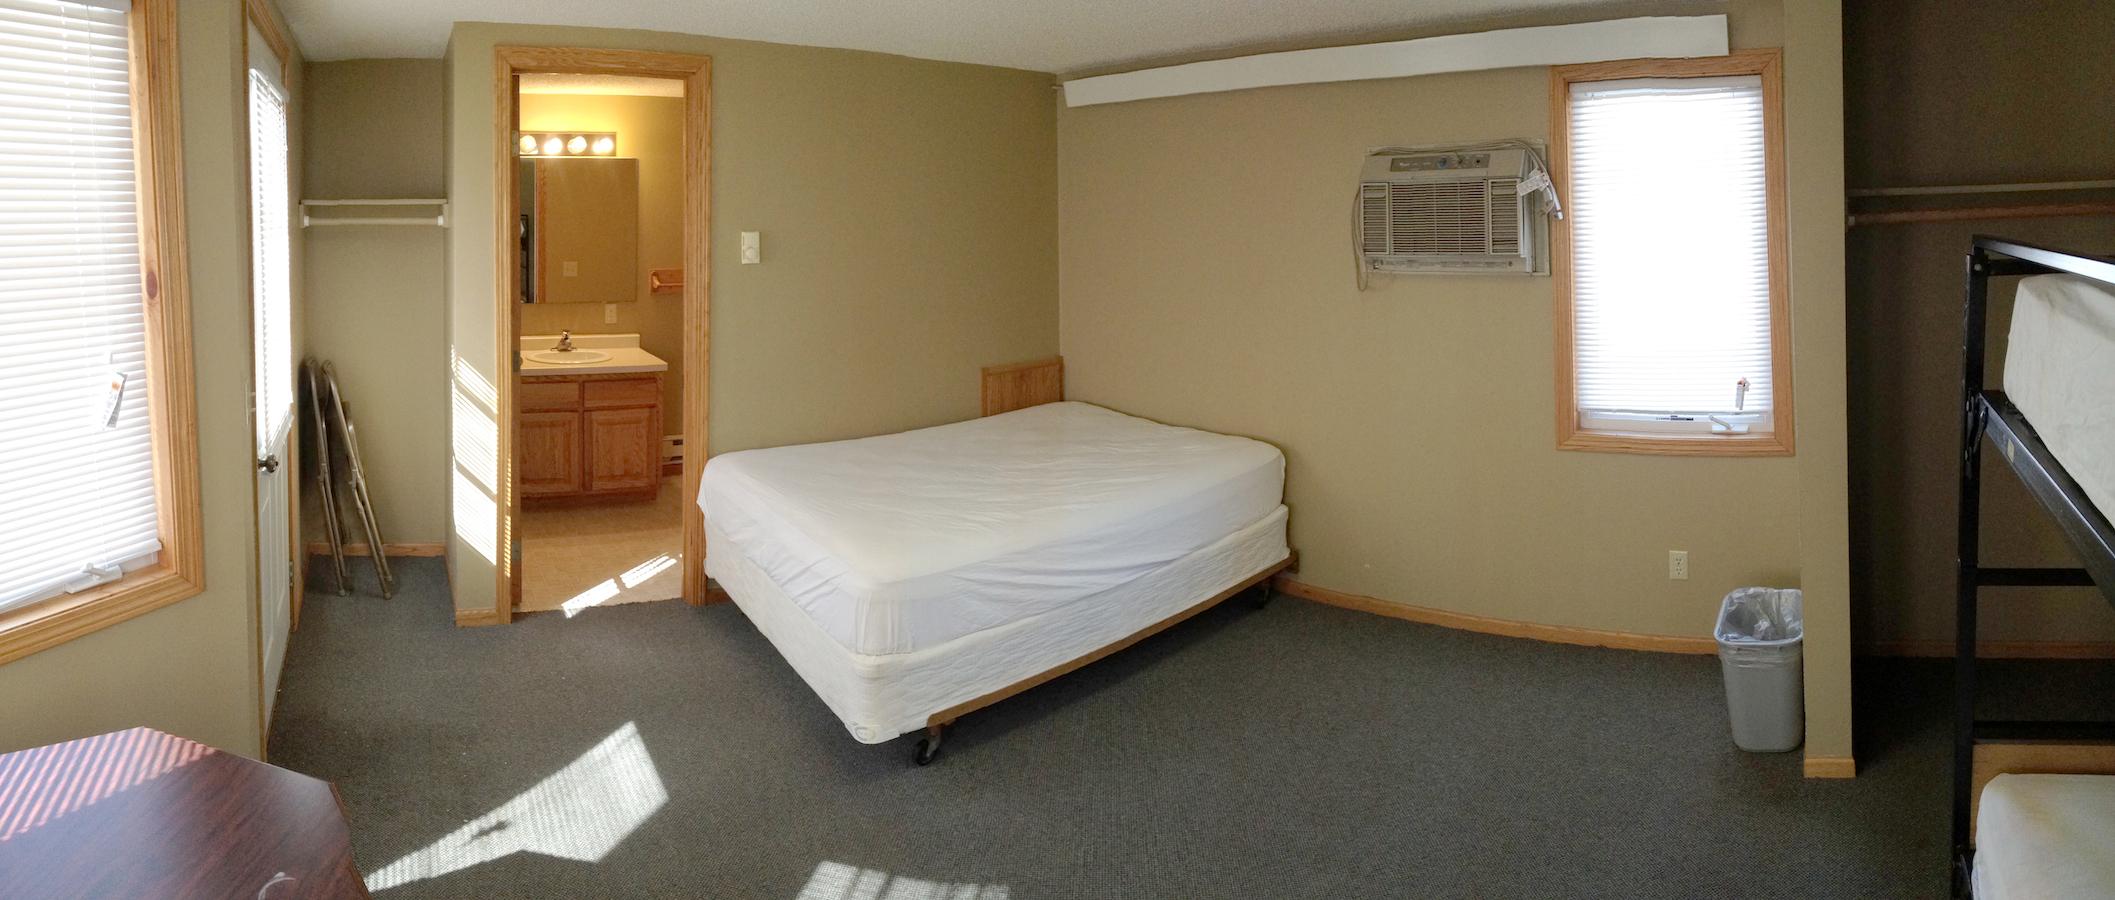 Duplex-218-left